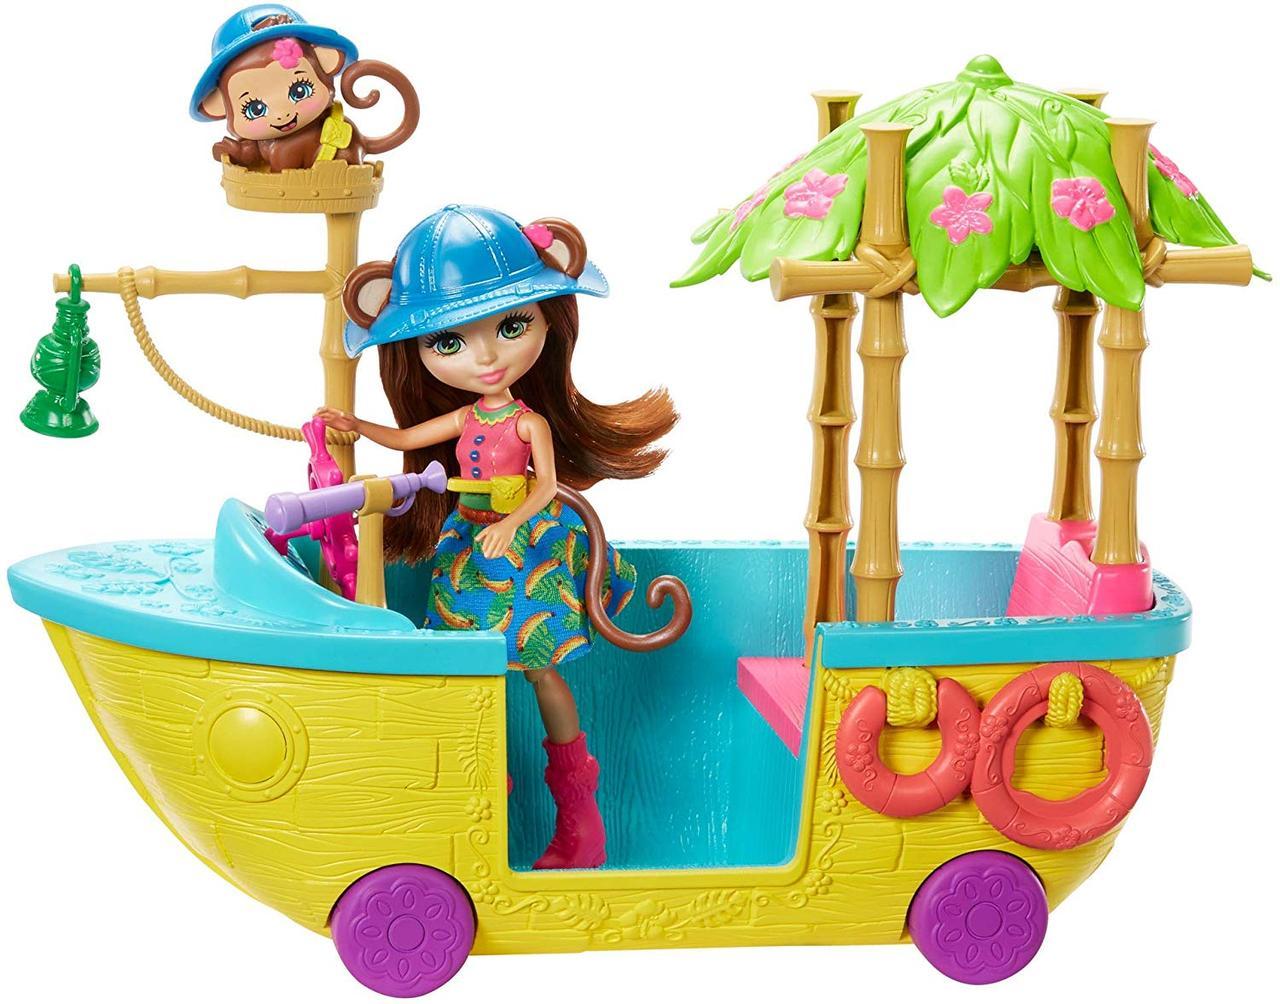 Набор Энчантималс лодка обезьянки Мерит Enchantimals Junglewood Boat & Merit Monkey Doll